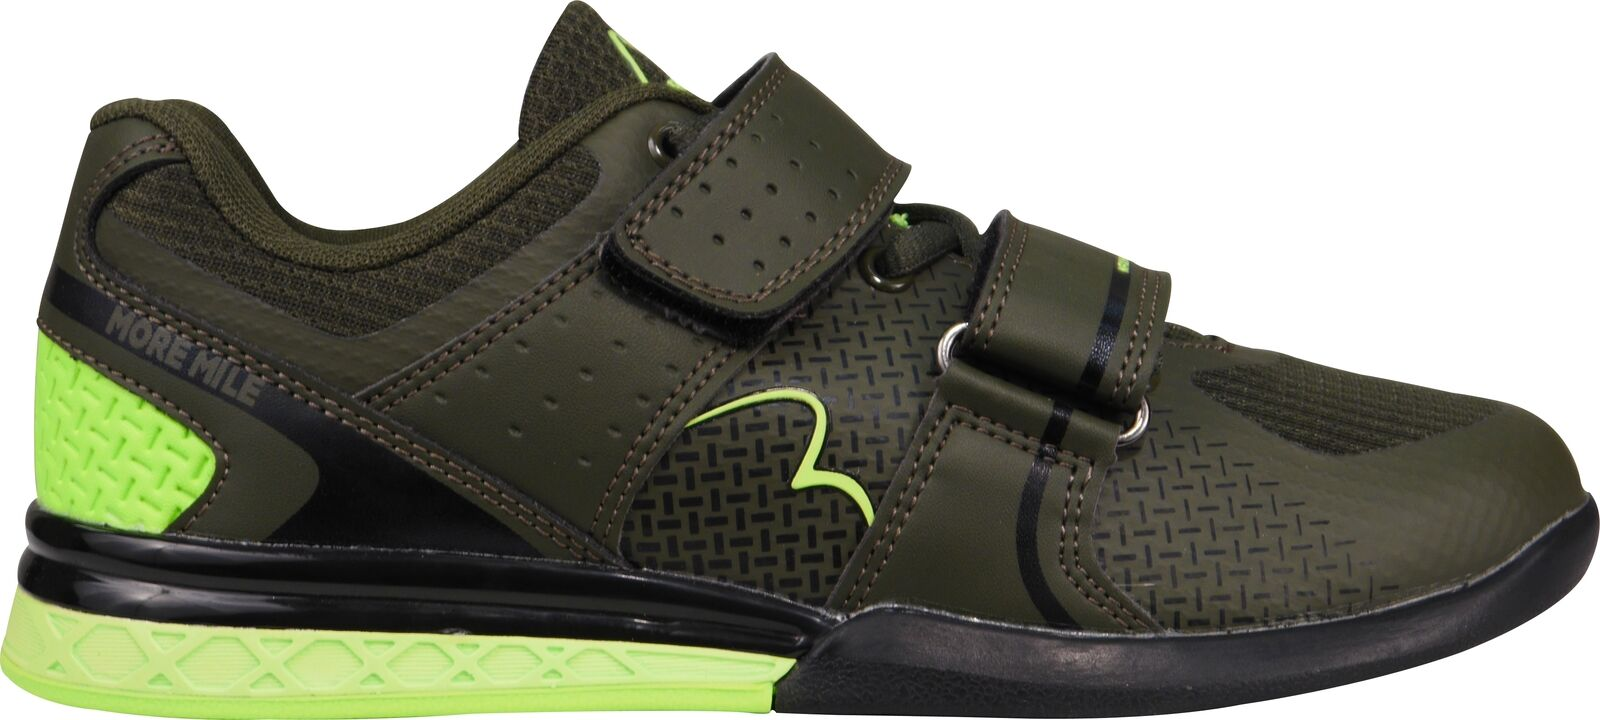 More Mile Superlift 3 para hombres Para mujeres Zapatos de Halterofilia Crossfit Gimnasio Culturismo